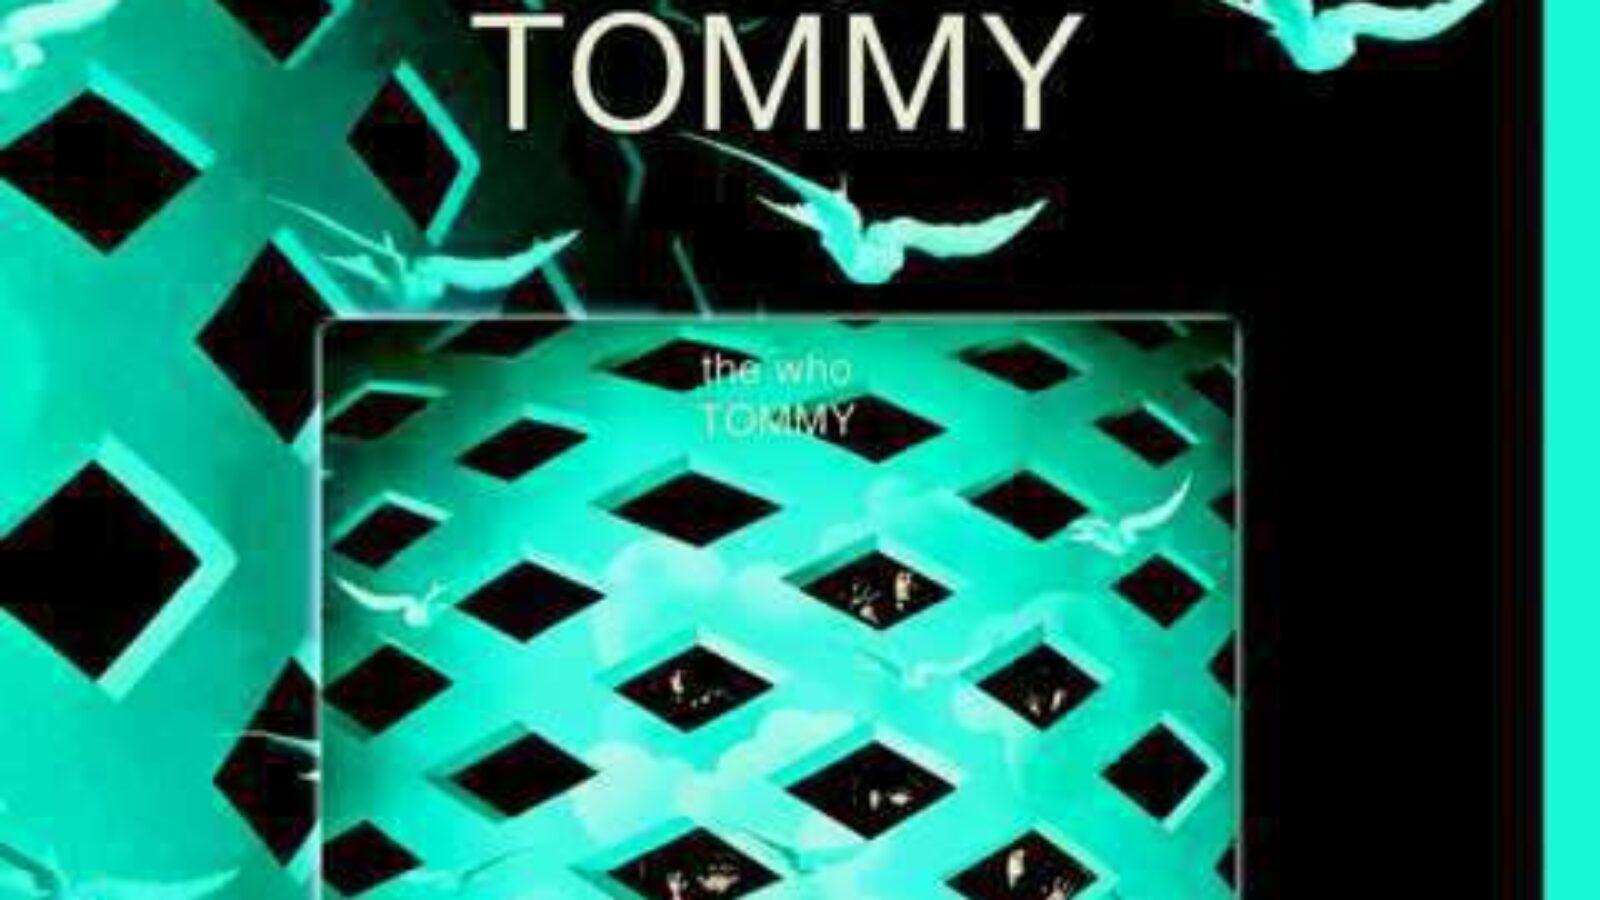 SENSATION: THE STORY OF TOMMY (DVD & Blu-Ray)